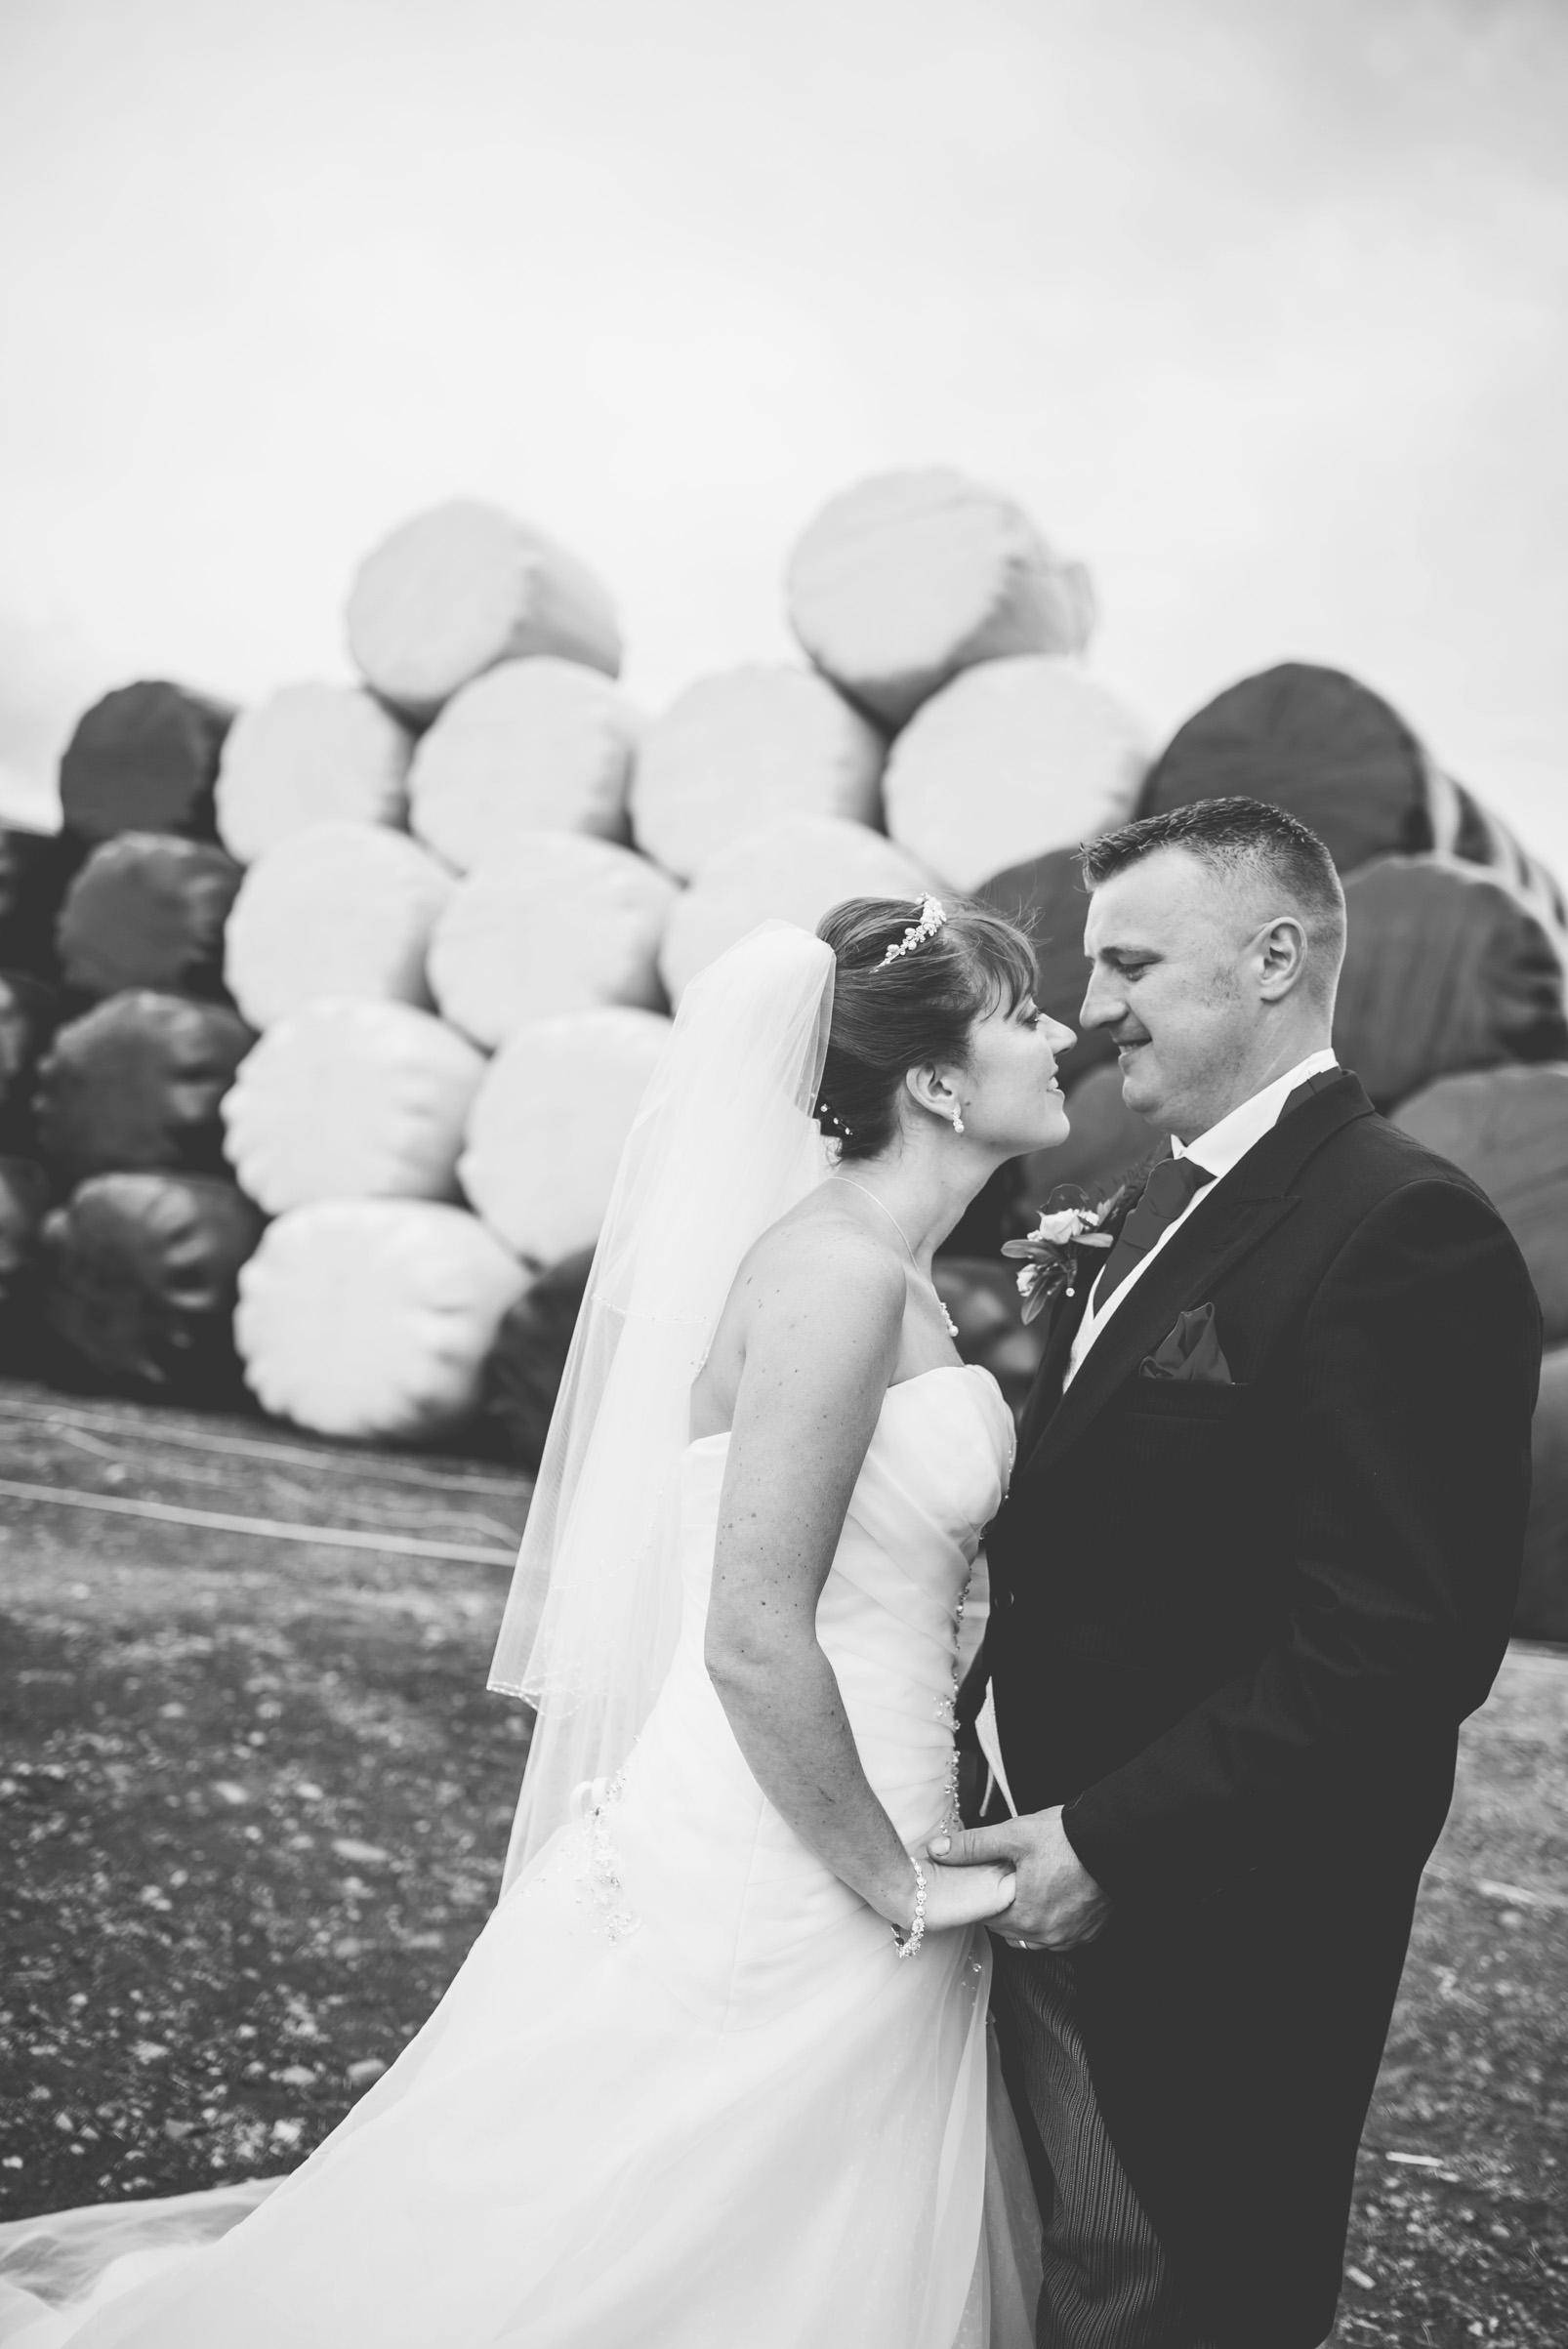 Farm-wedding-staffordshire-st-marys-catholic-church-uttoxter-77.jpg